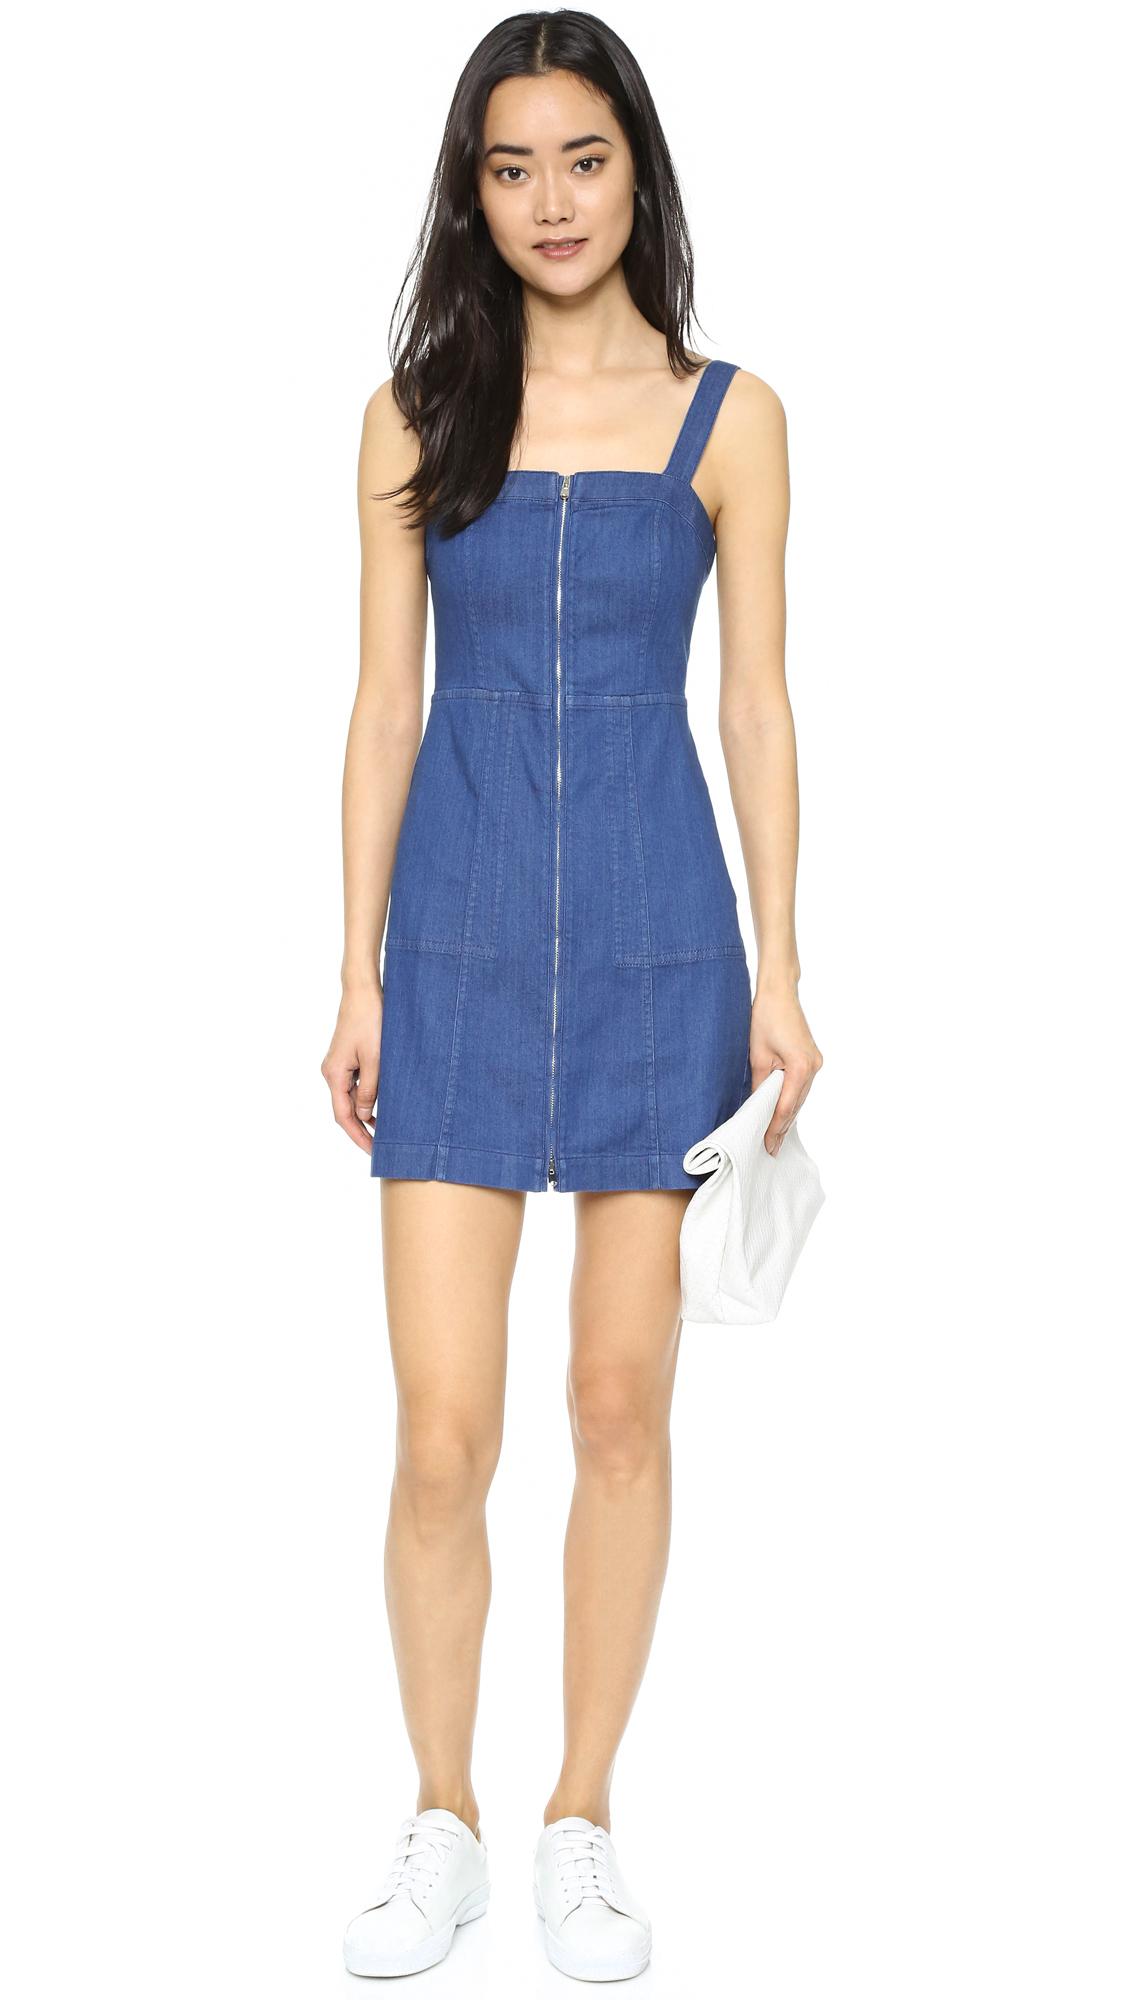 Club monaco Jinenne Denim Dress in Blue  Lyst